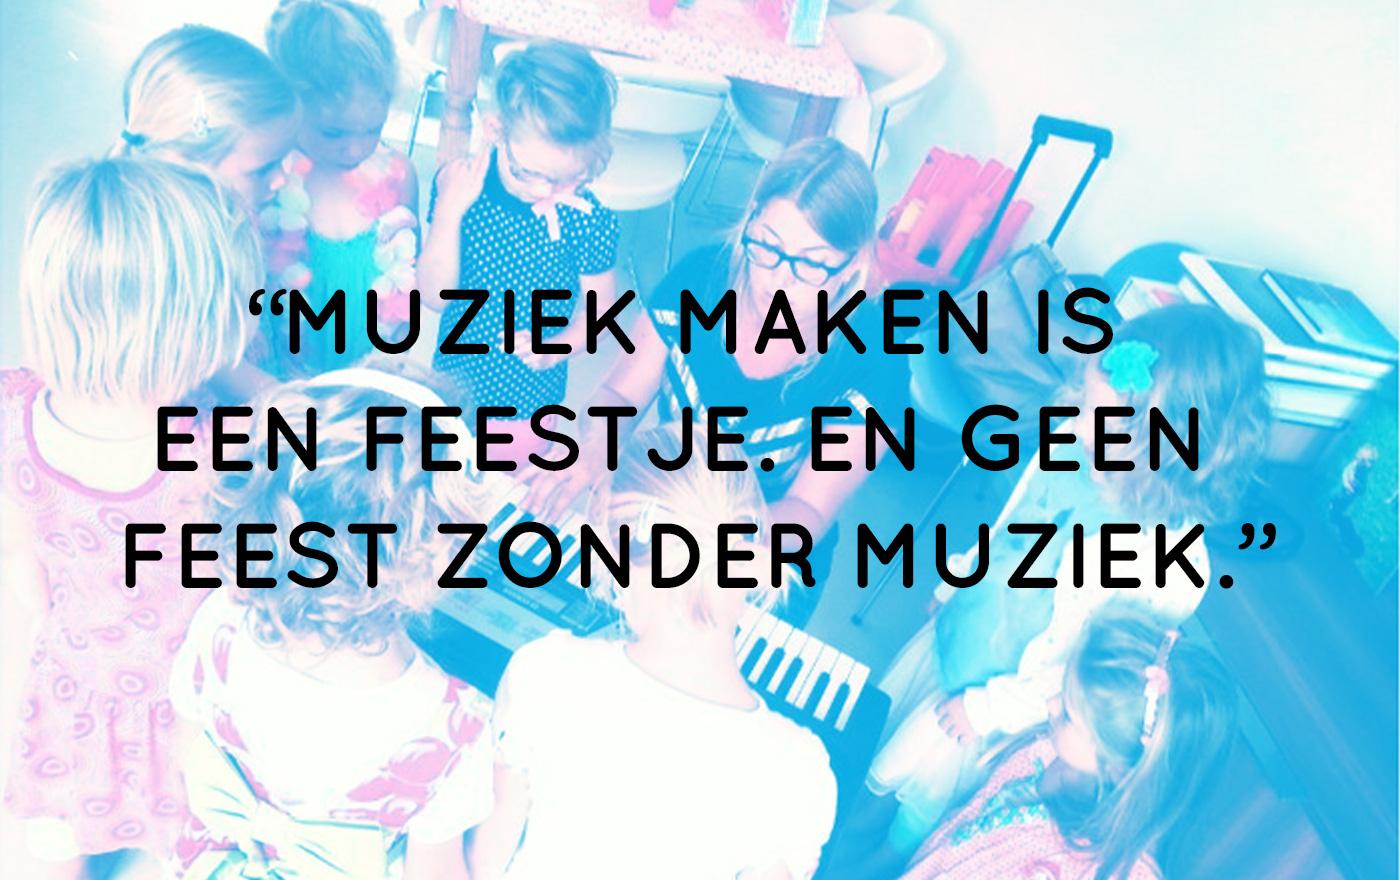 muziek maken is een feestje. en geen feest zonder muziek